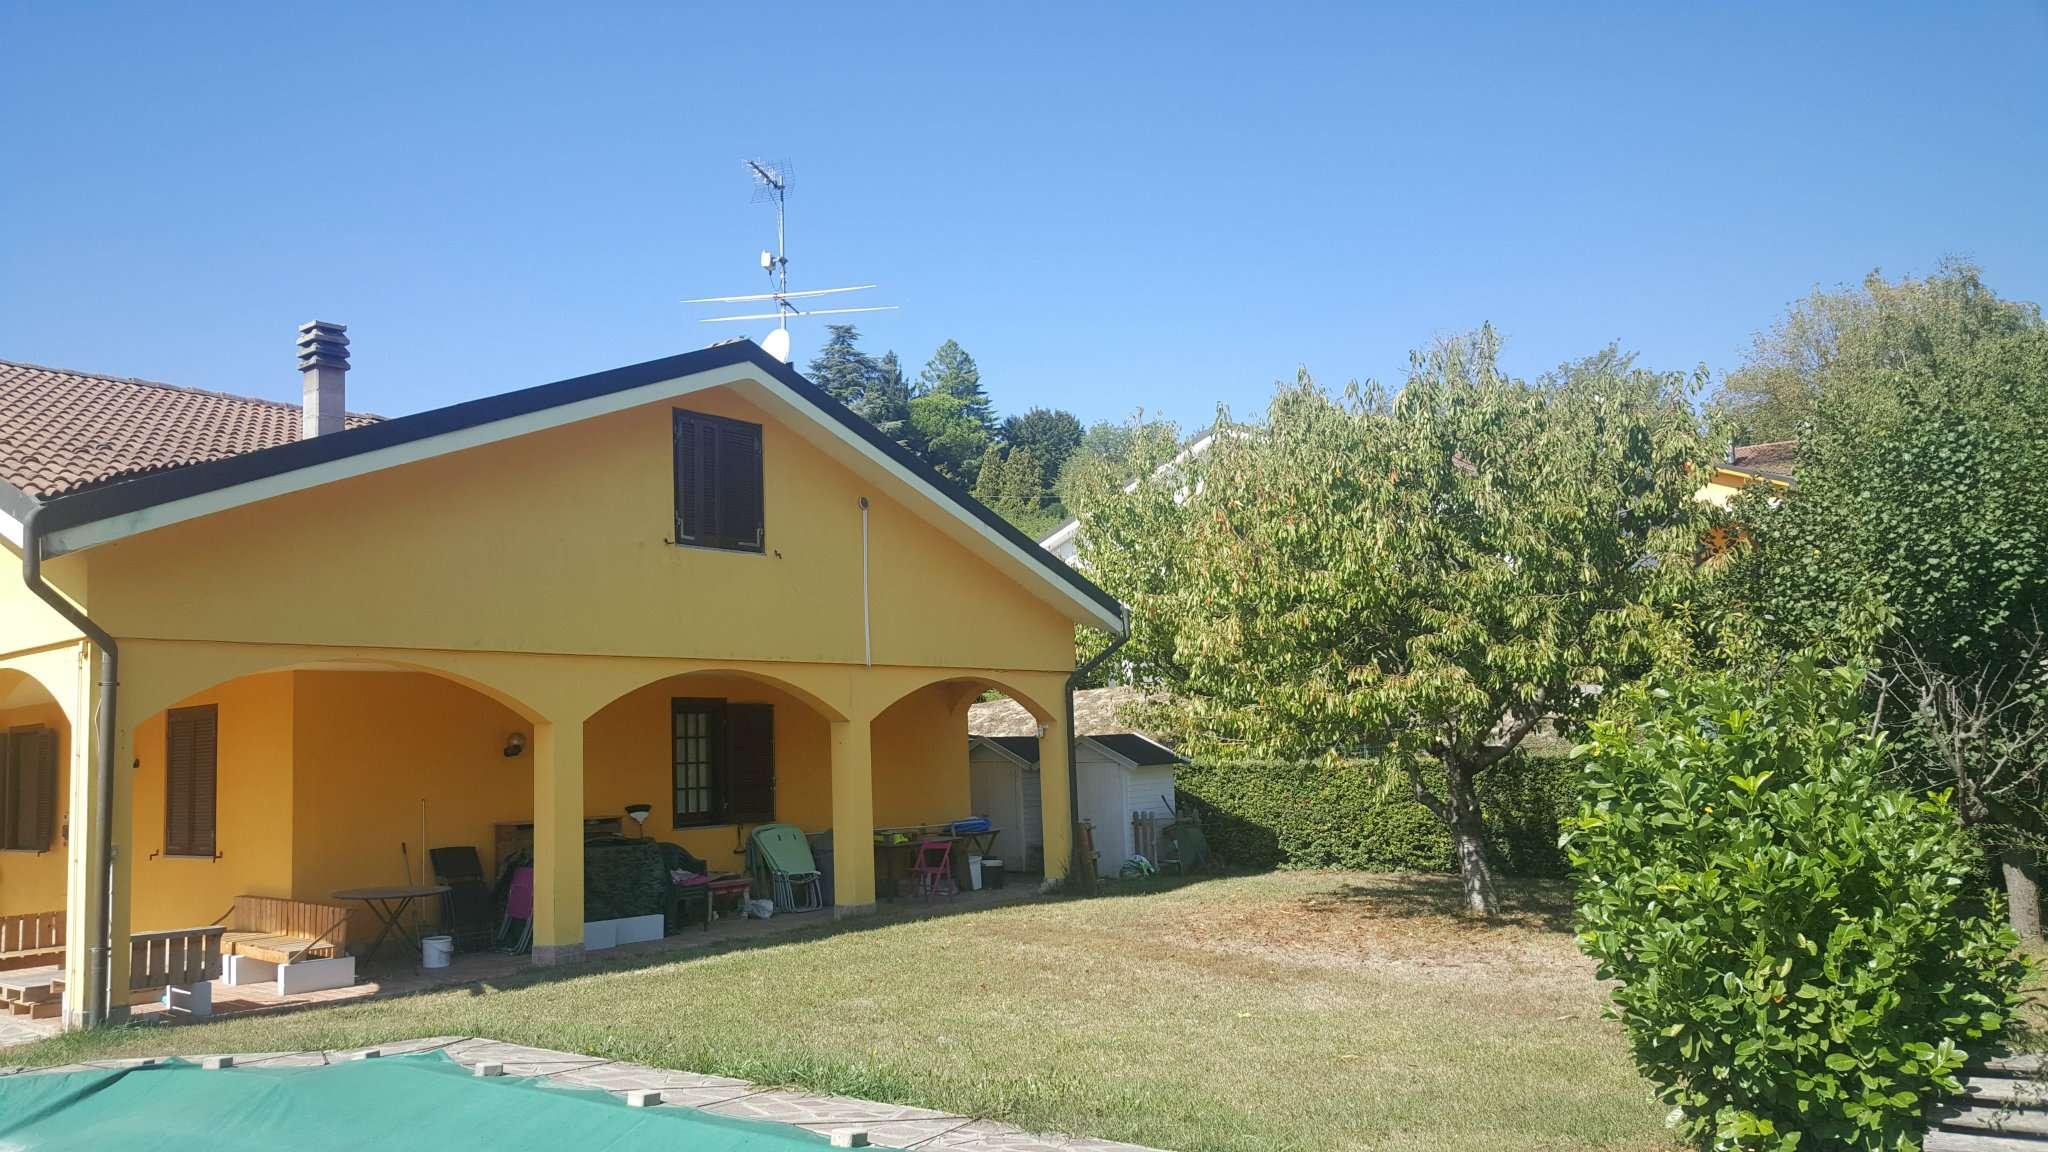 Villa in vendita a Pietra Marazzi, 5 locali, prezzo € 278.000 | CambioCasa.it